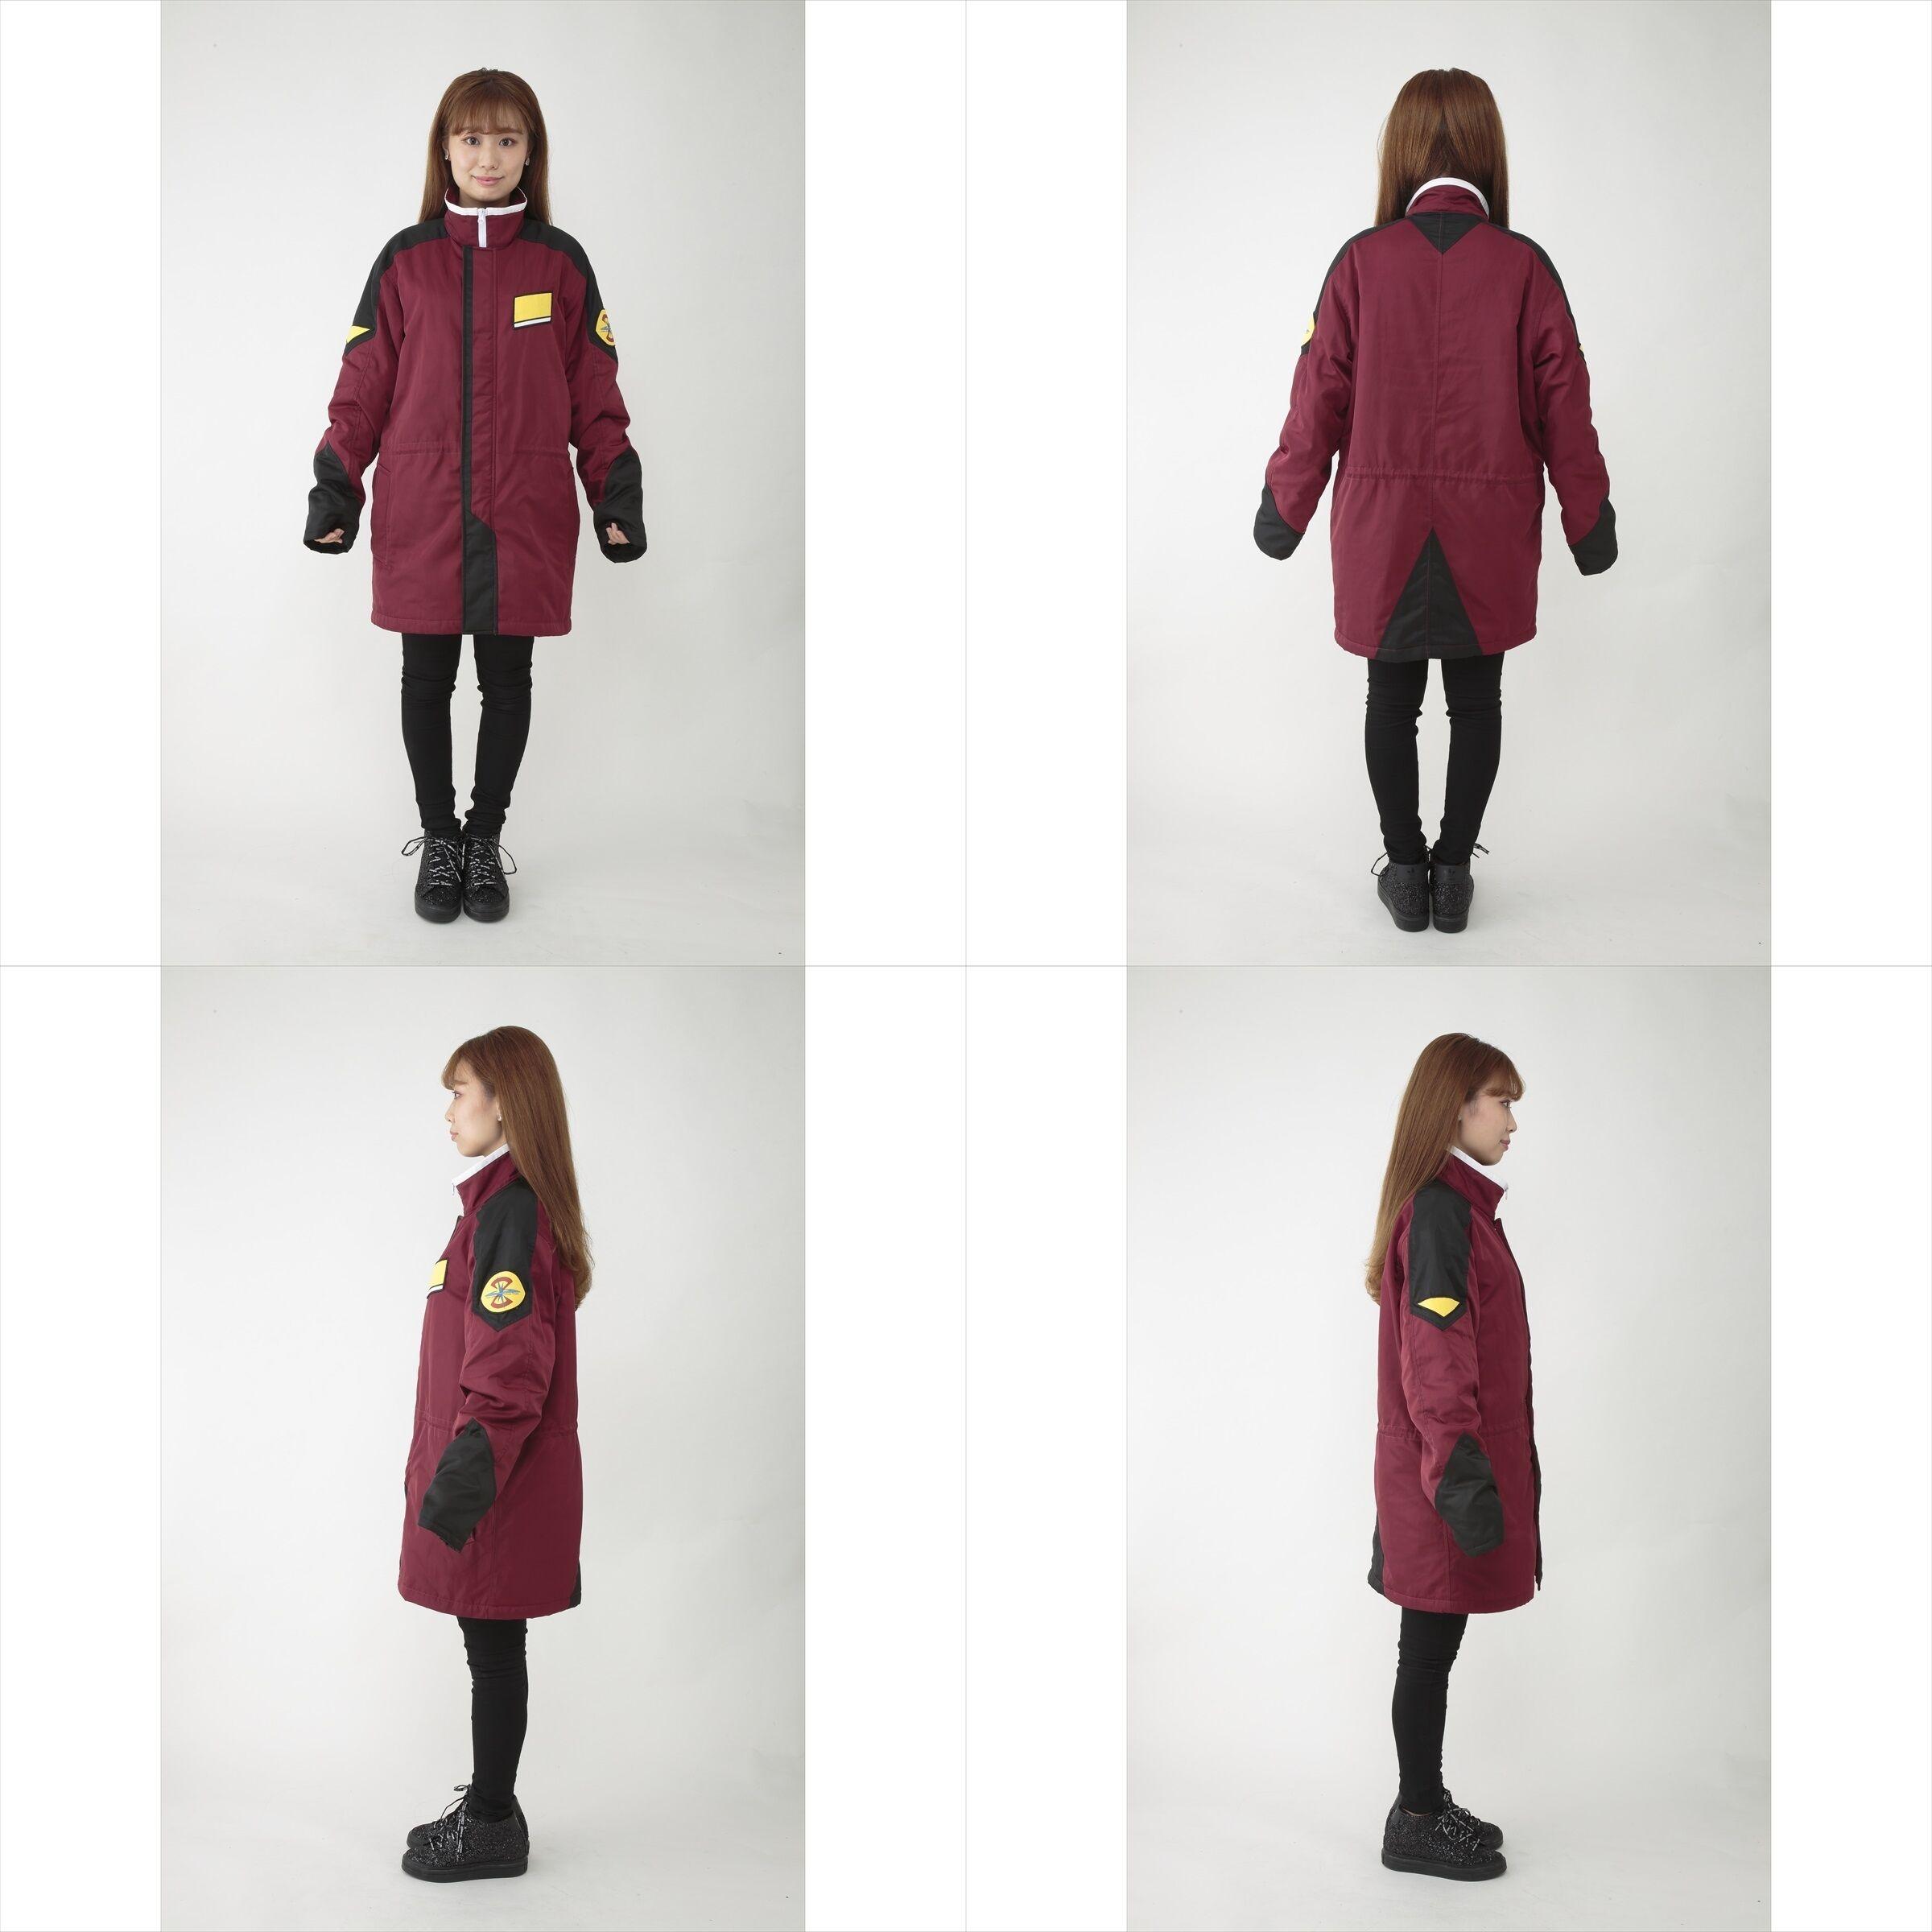 Mobile Suit Gundam SEED ZAFT Uniform Jacket